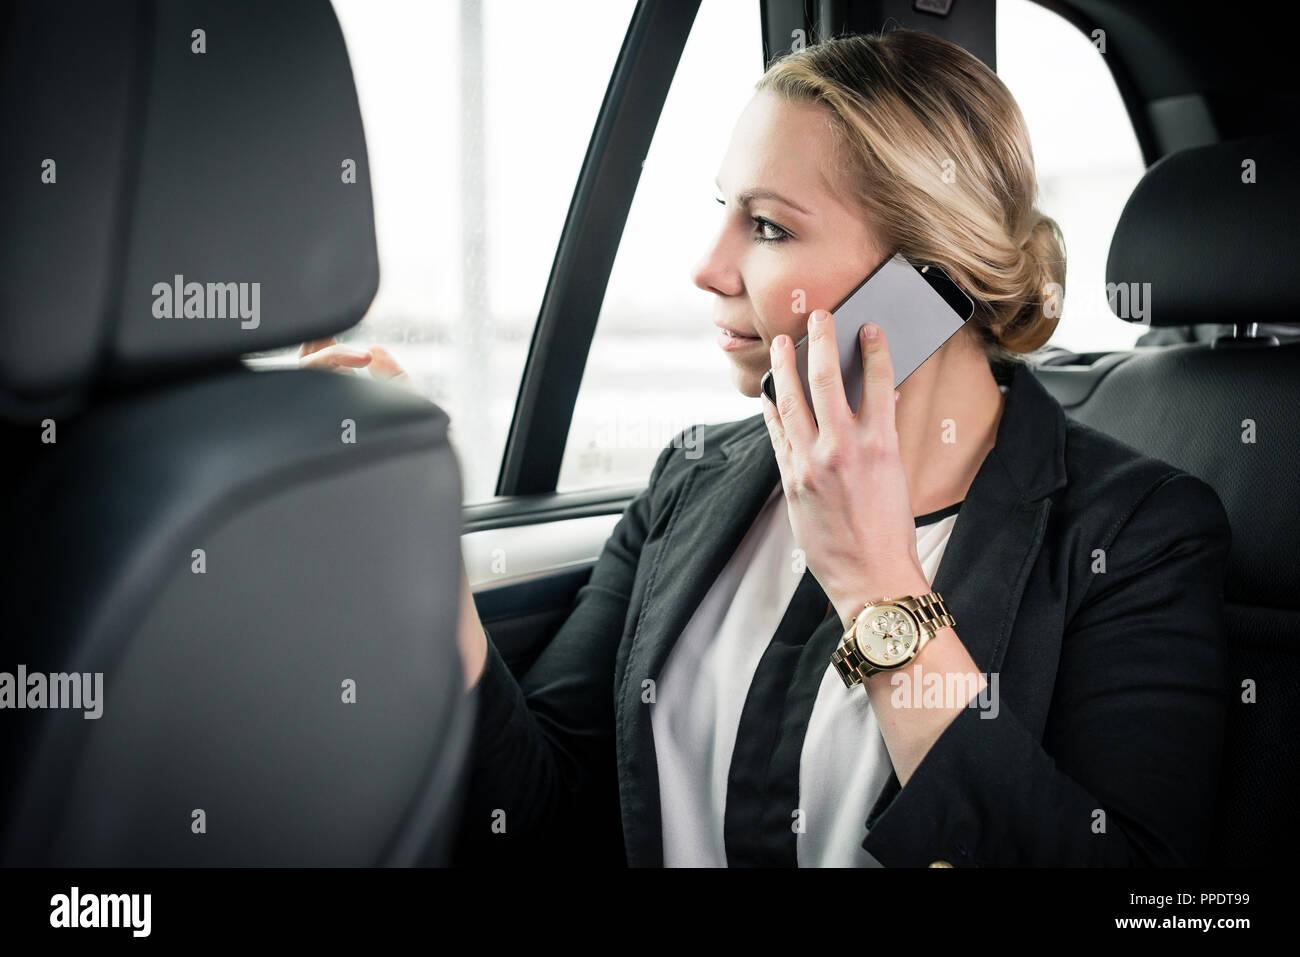 La empresaria sentado en el coche hablando por teléfono móvil Imagen De Stock